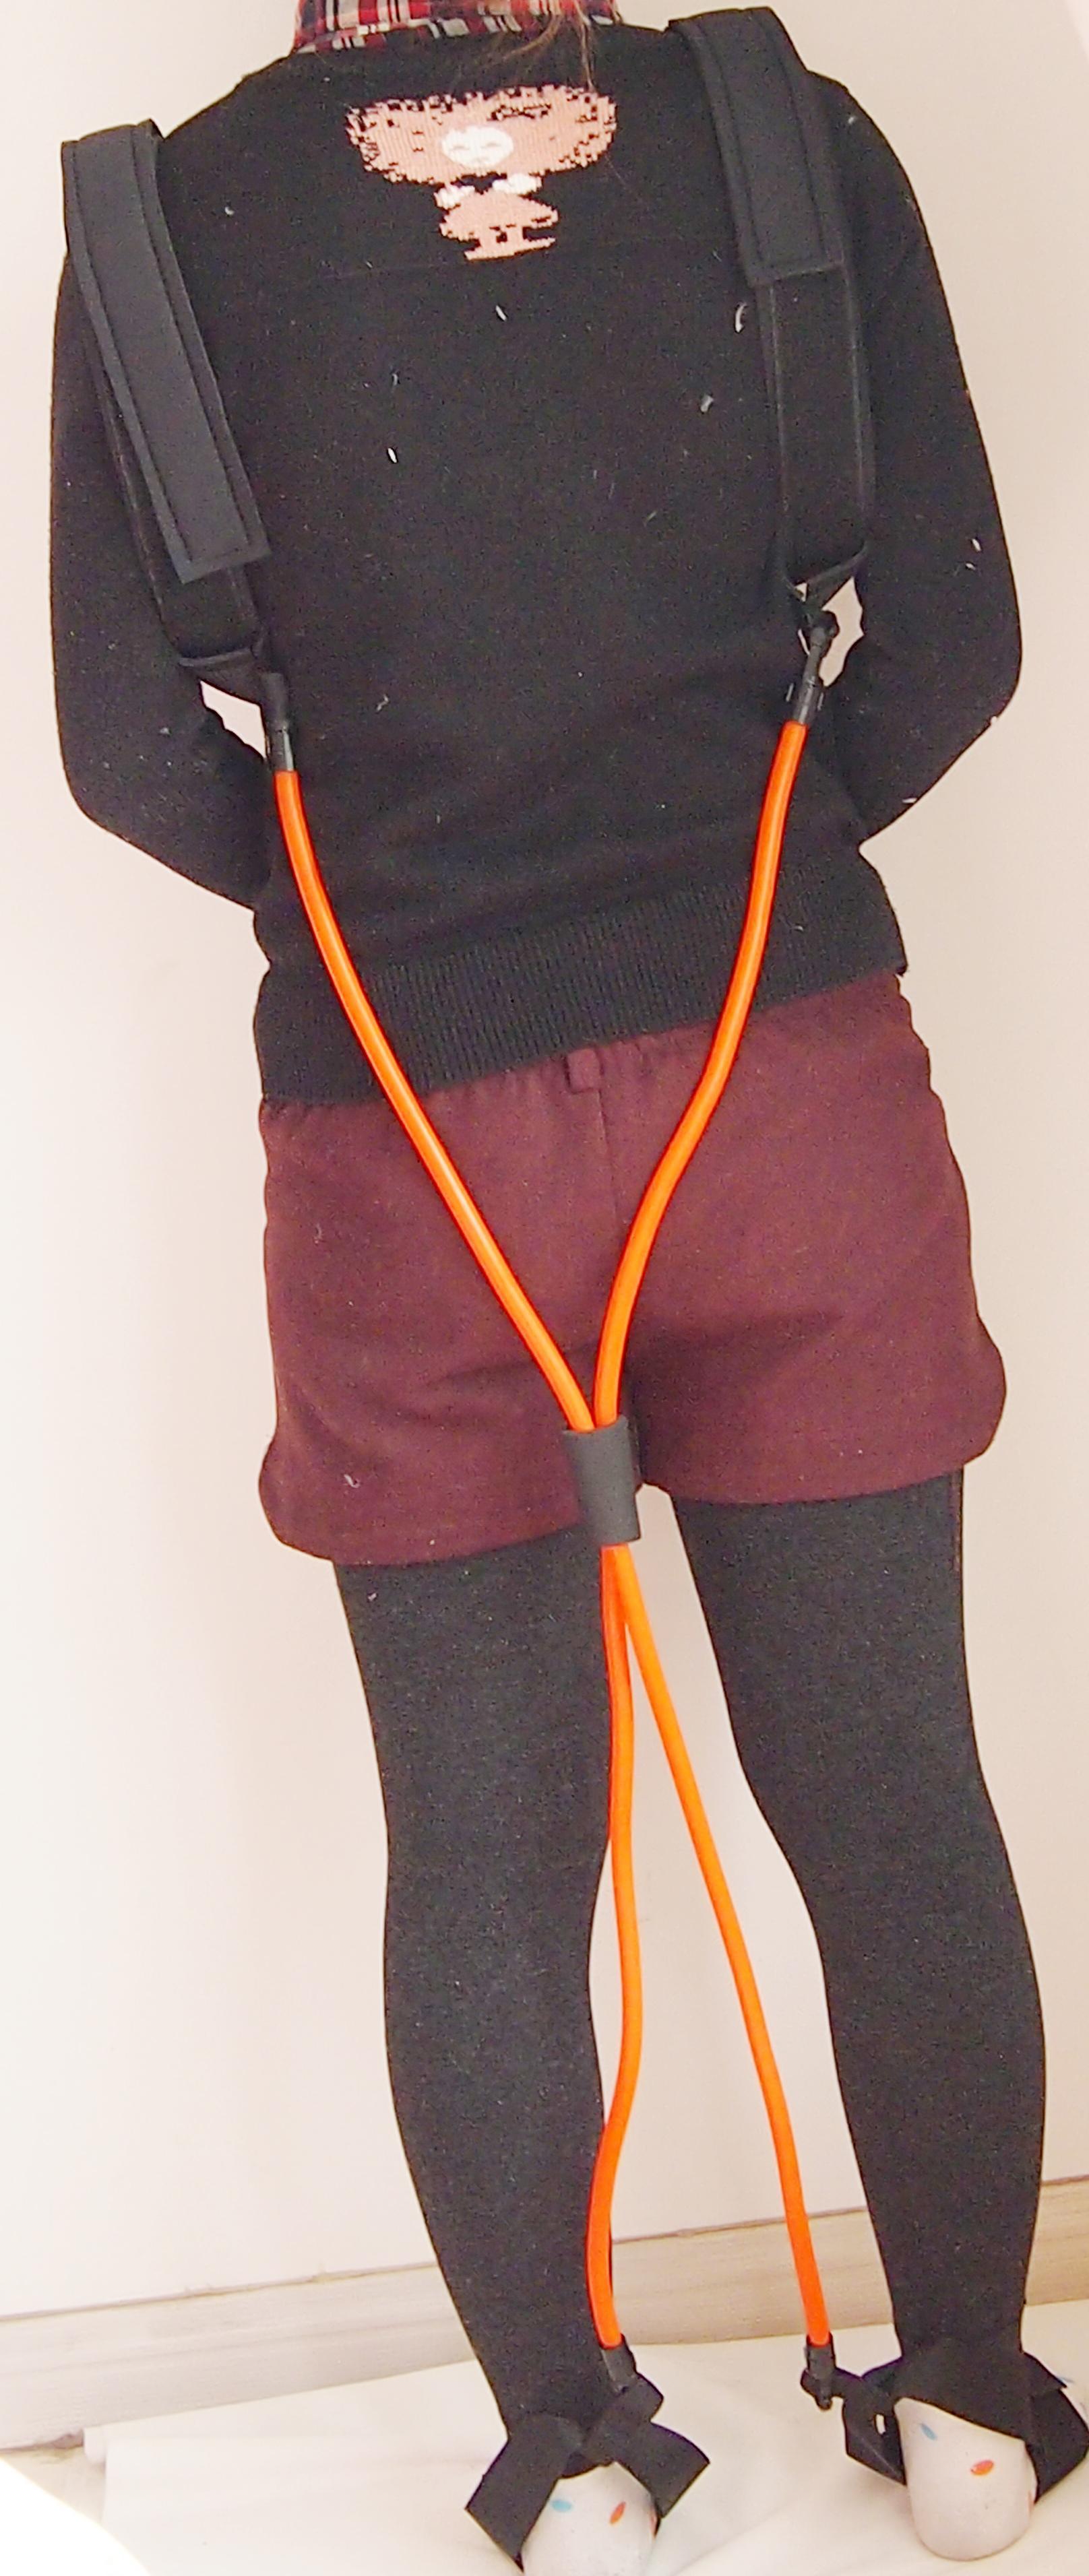 Бесплатная доставка сила мир плавать борьба нога тренер лягушка плавание подъем плавание нога мощность обучение буксировка послеродовой обучение